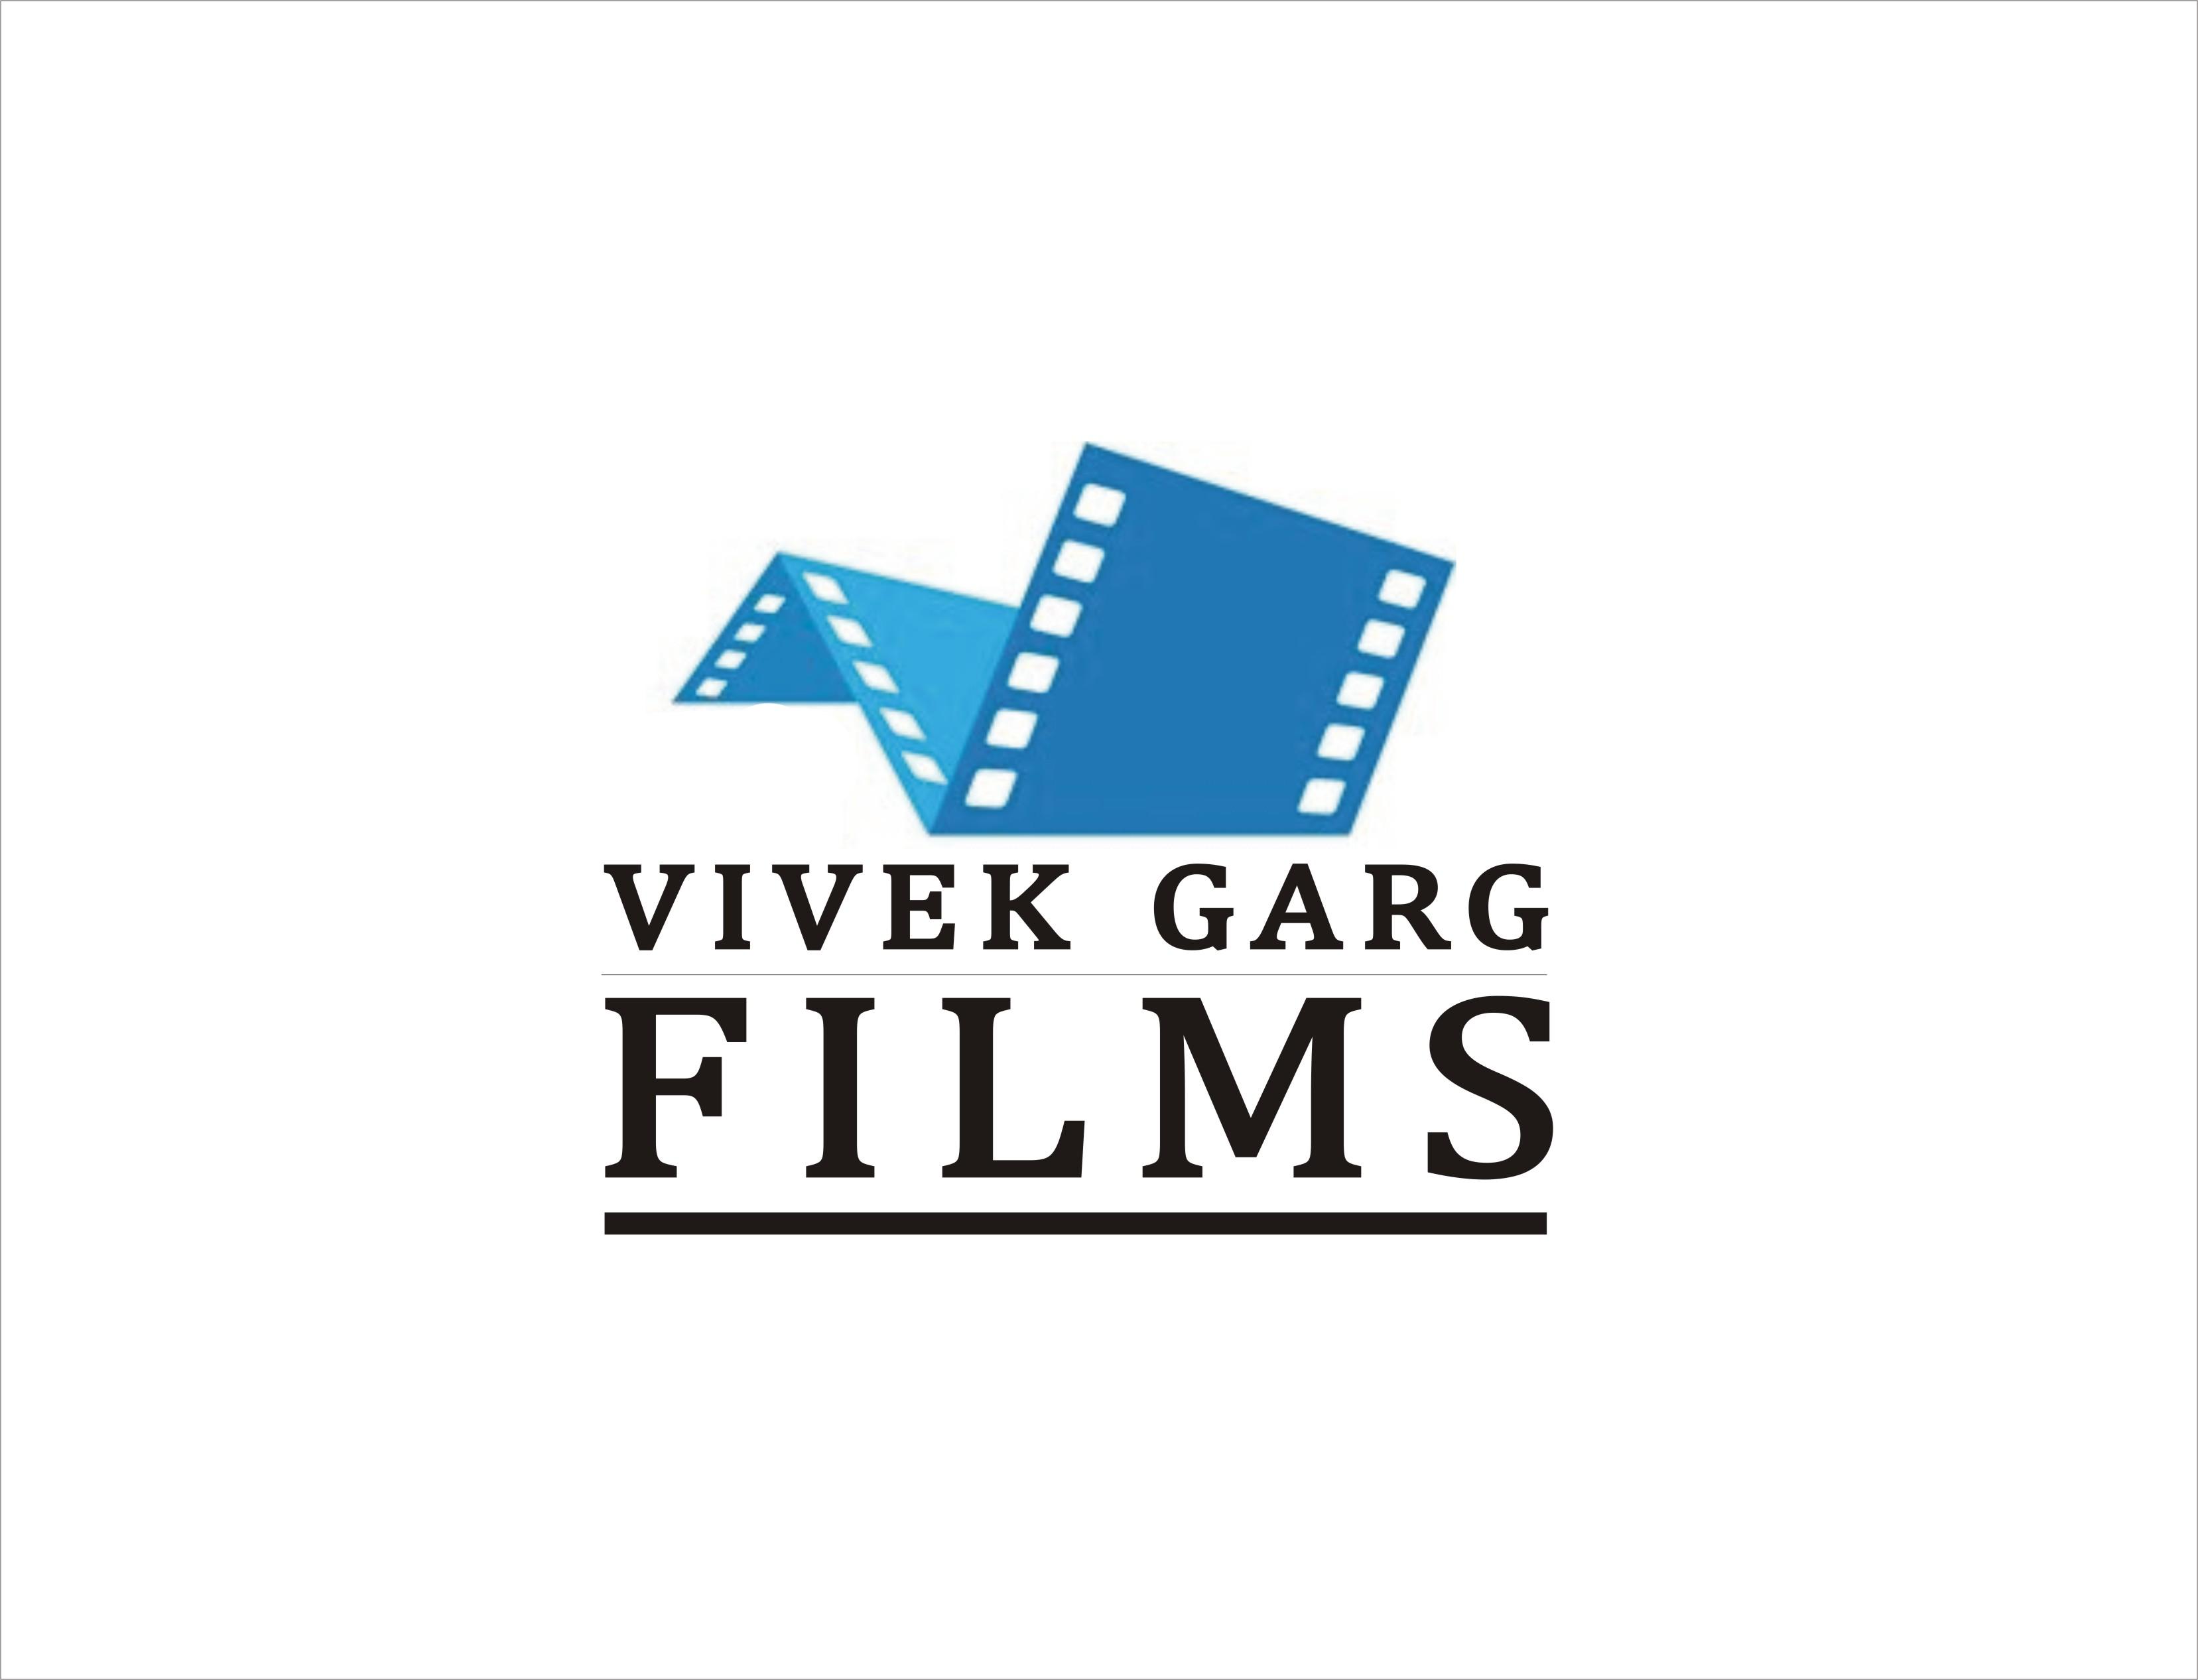 VIVEK GARG FILMS - VGF Now